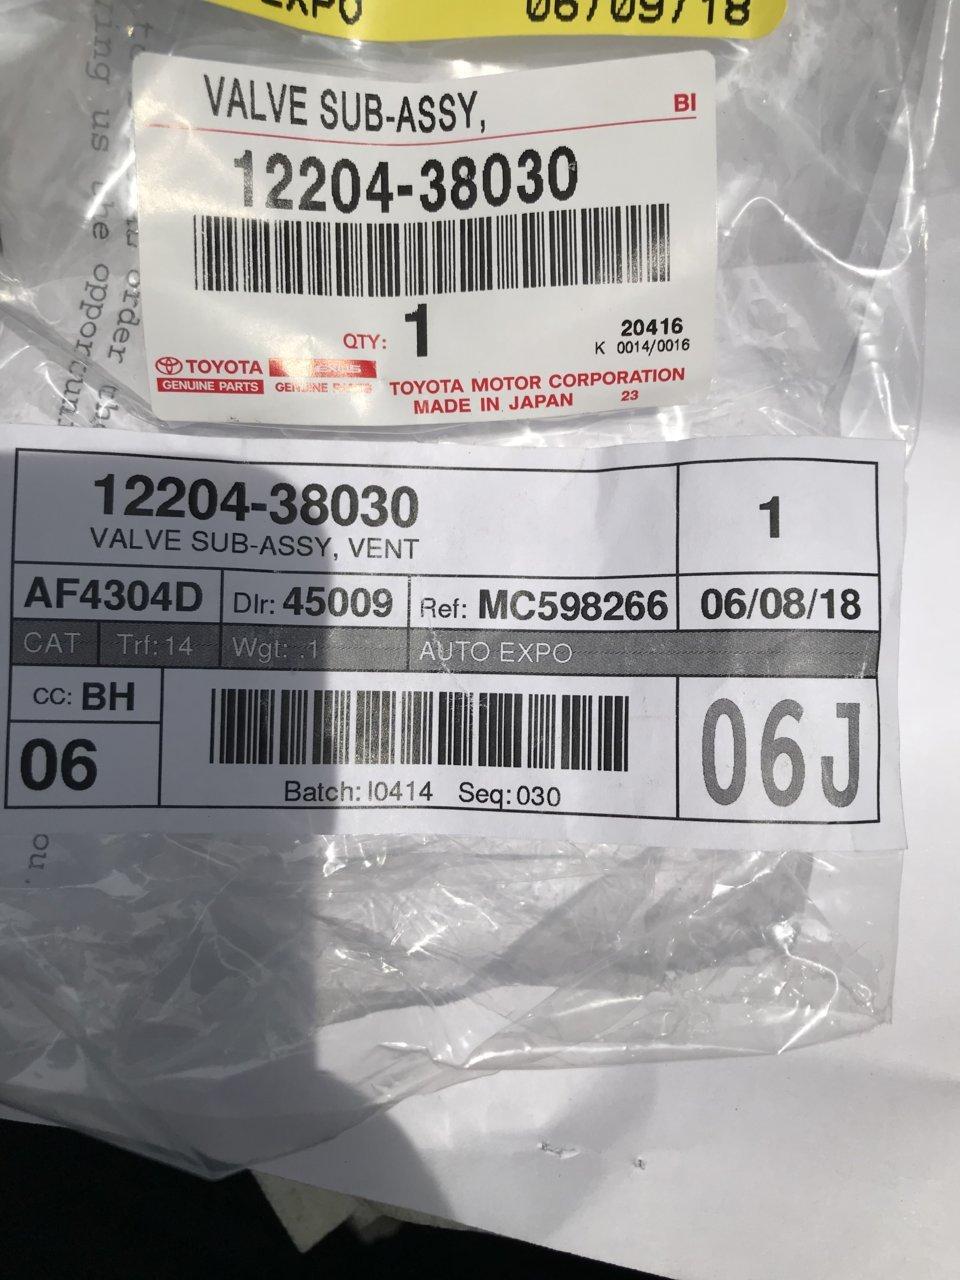 73DFDA3E-F418-40E0-A008-1868684B6AE8.jpg